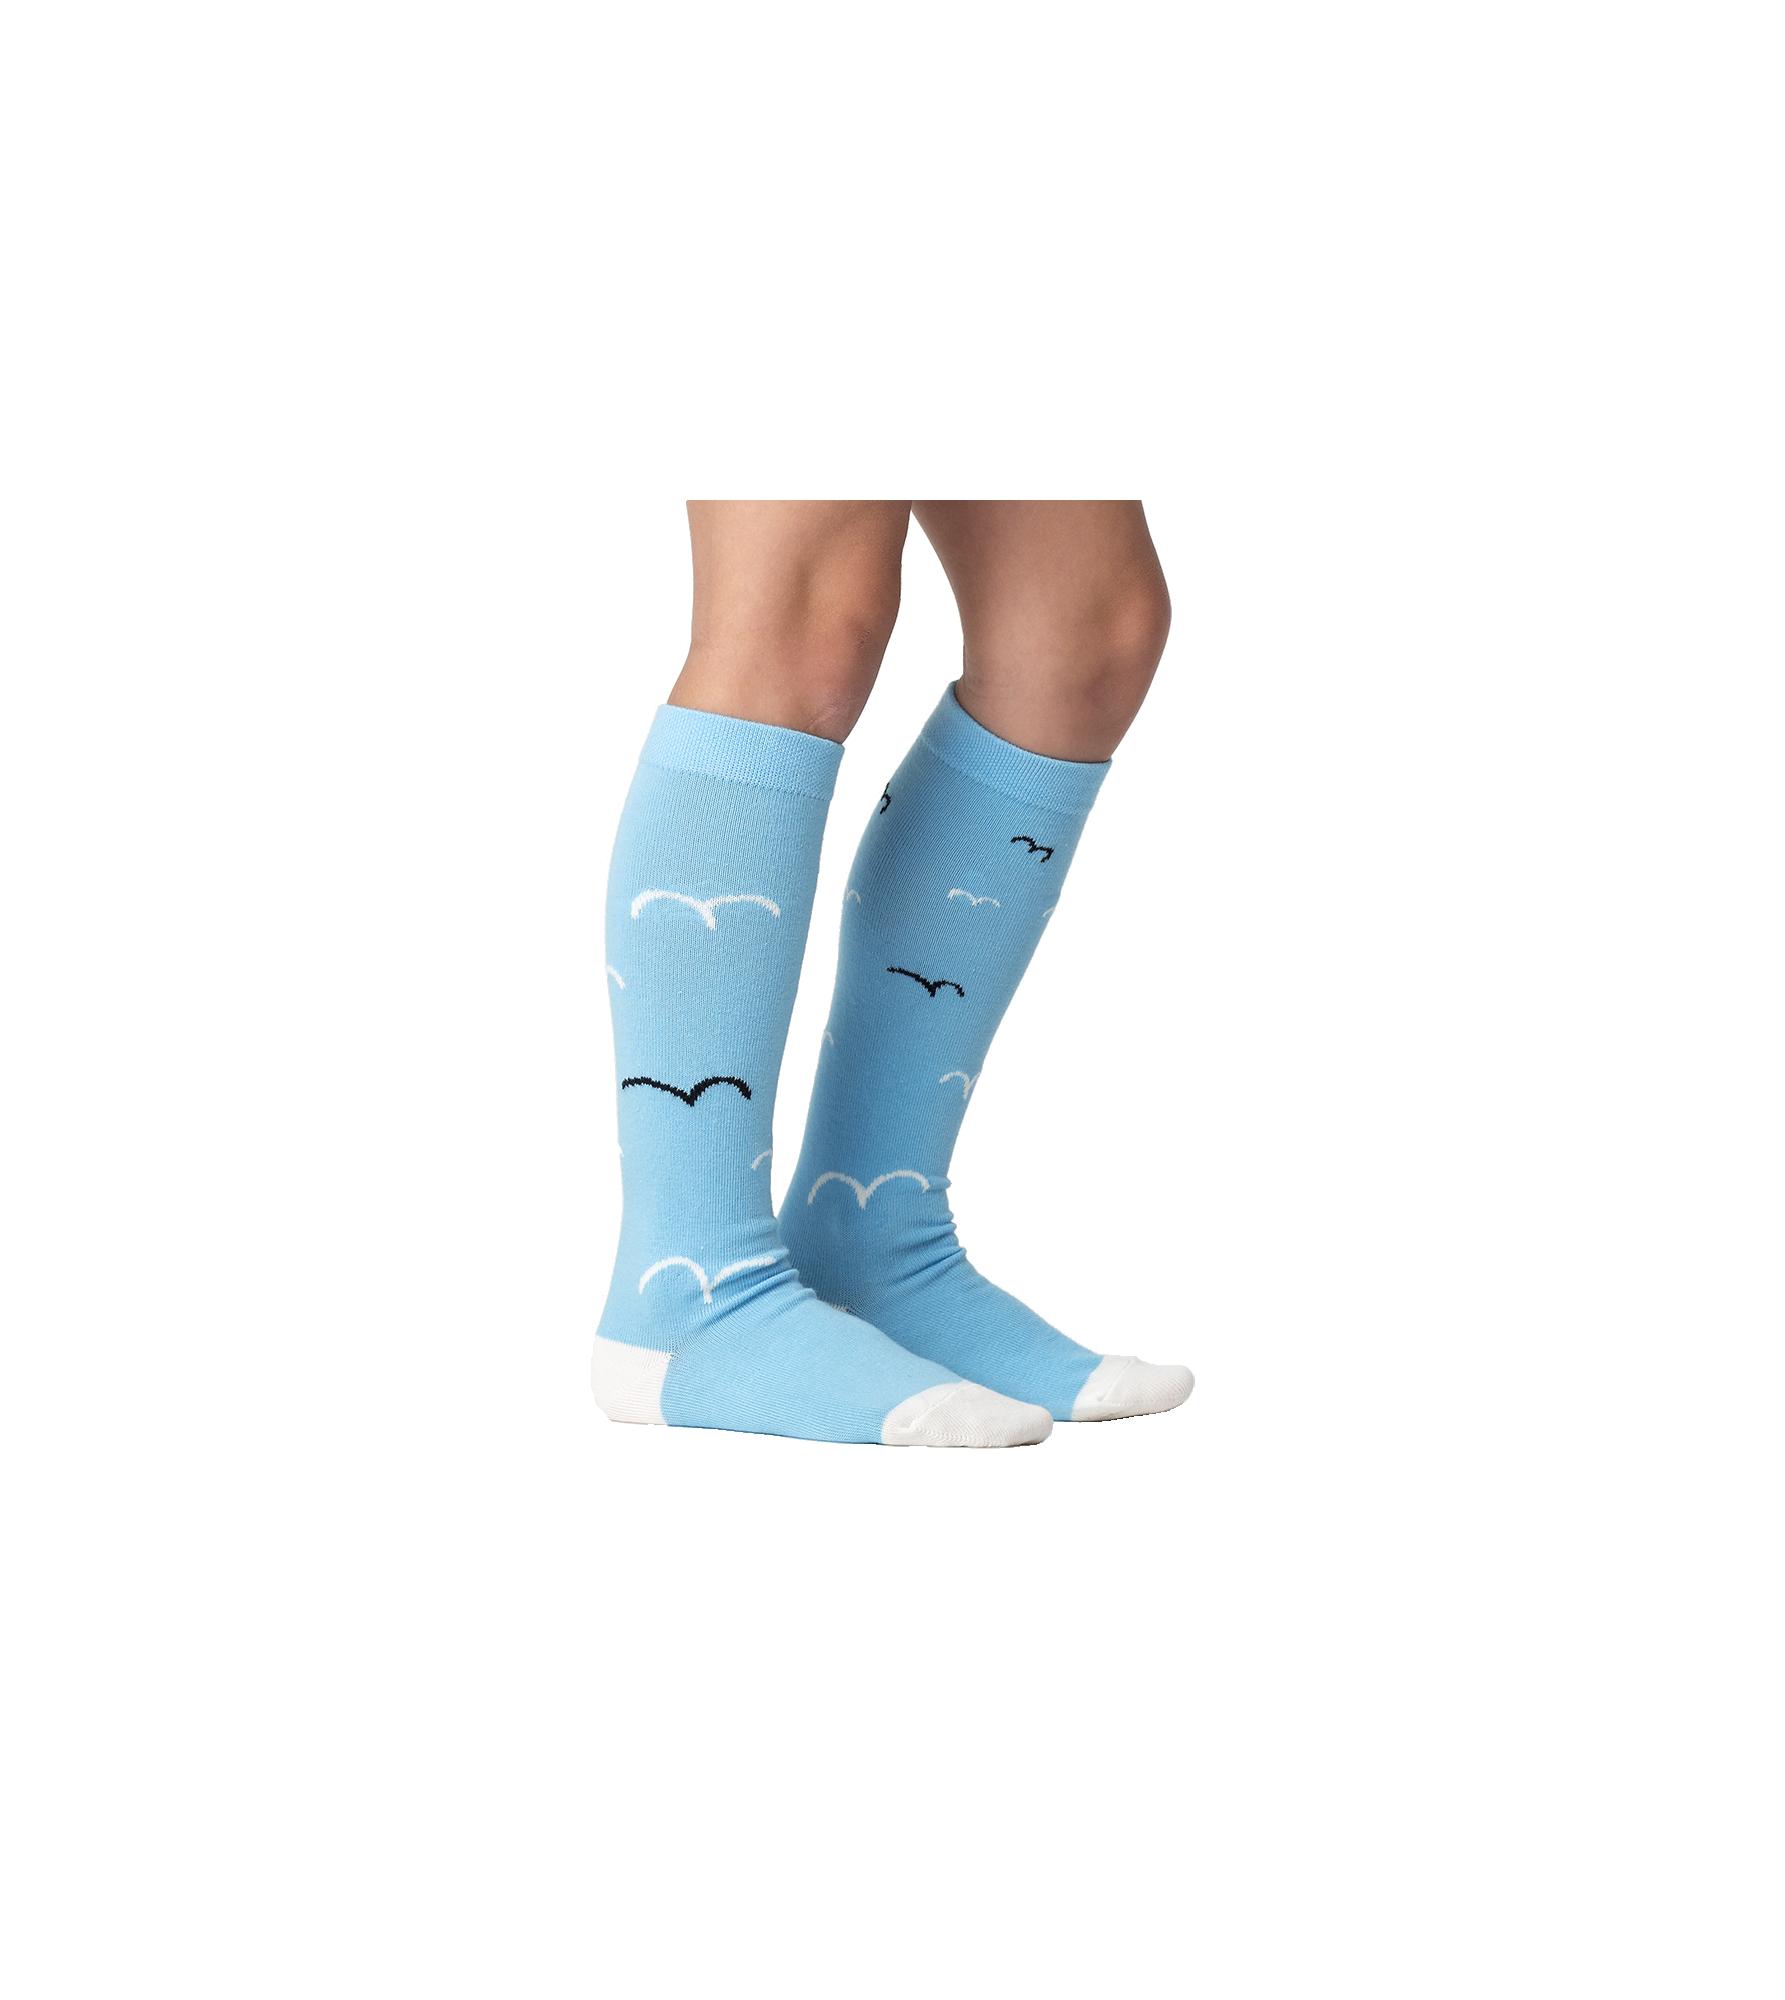 CUTOUT_Flock socks.png